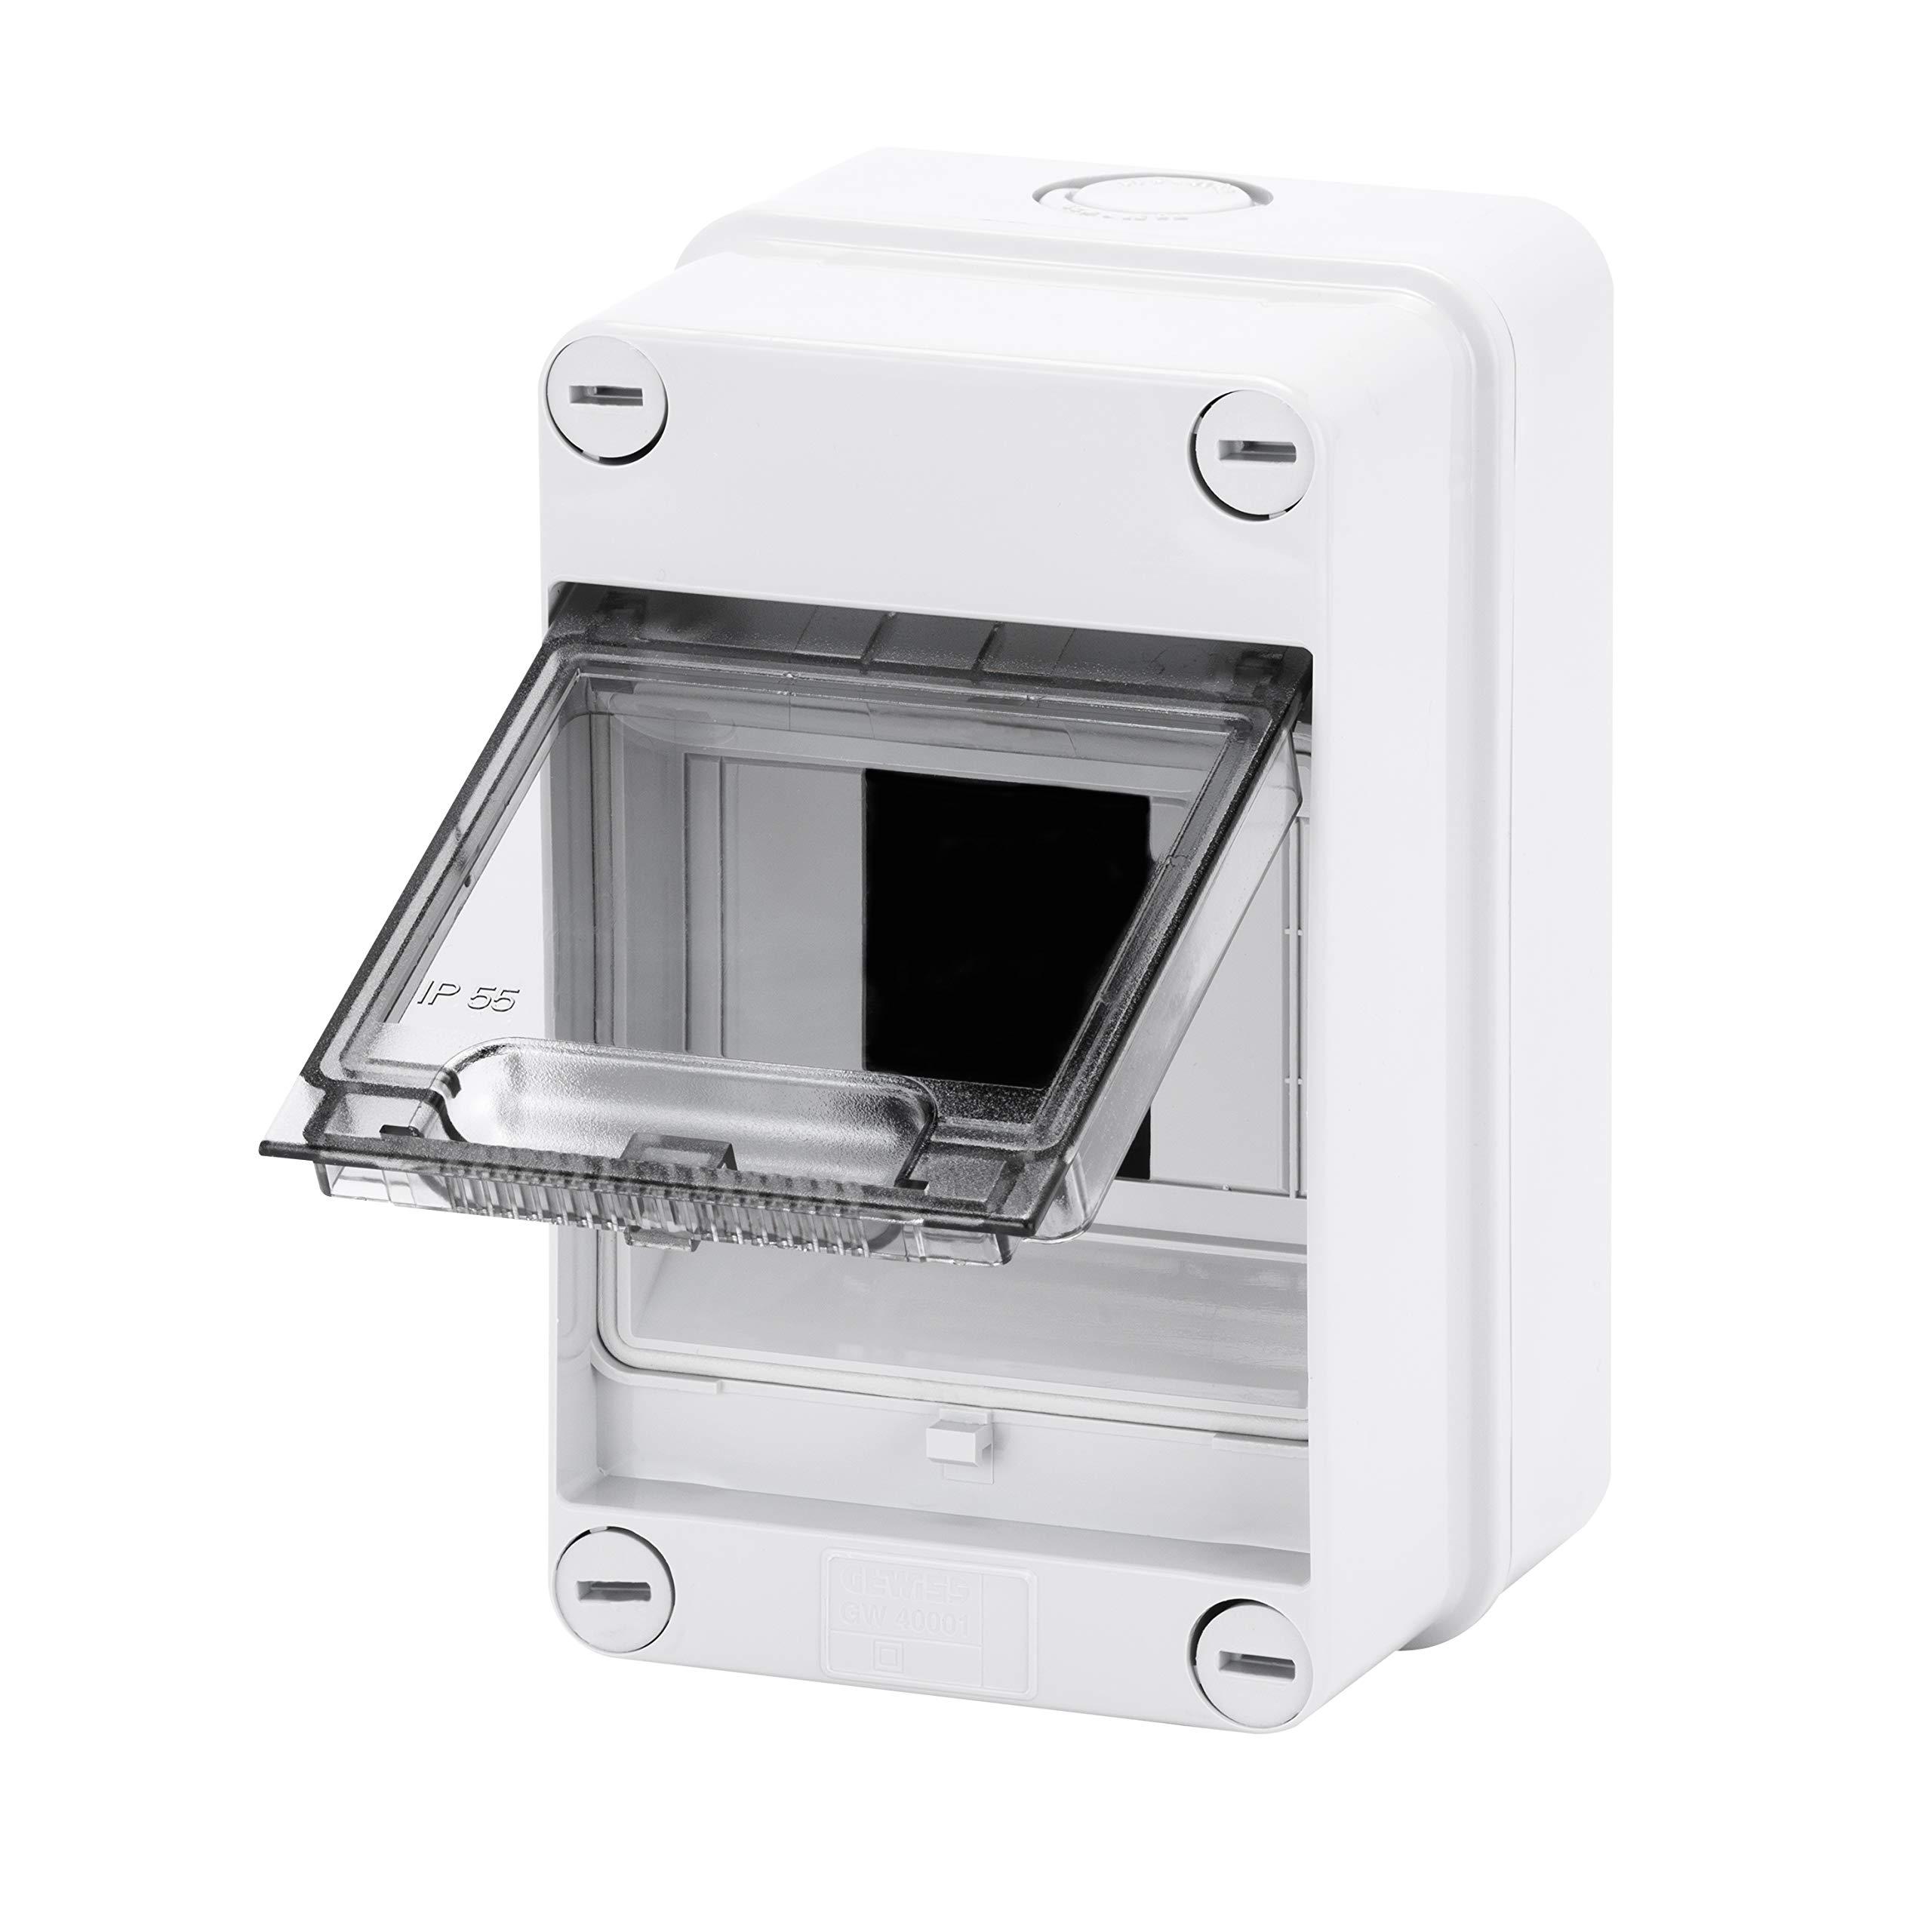 Gewiss GW40001 caja eléctrica - Caja para cuadro eléctrico (105 mm, 98 mm, 170 mm): Amazon.es: Bricolaje y herramientas